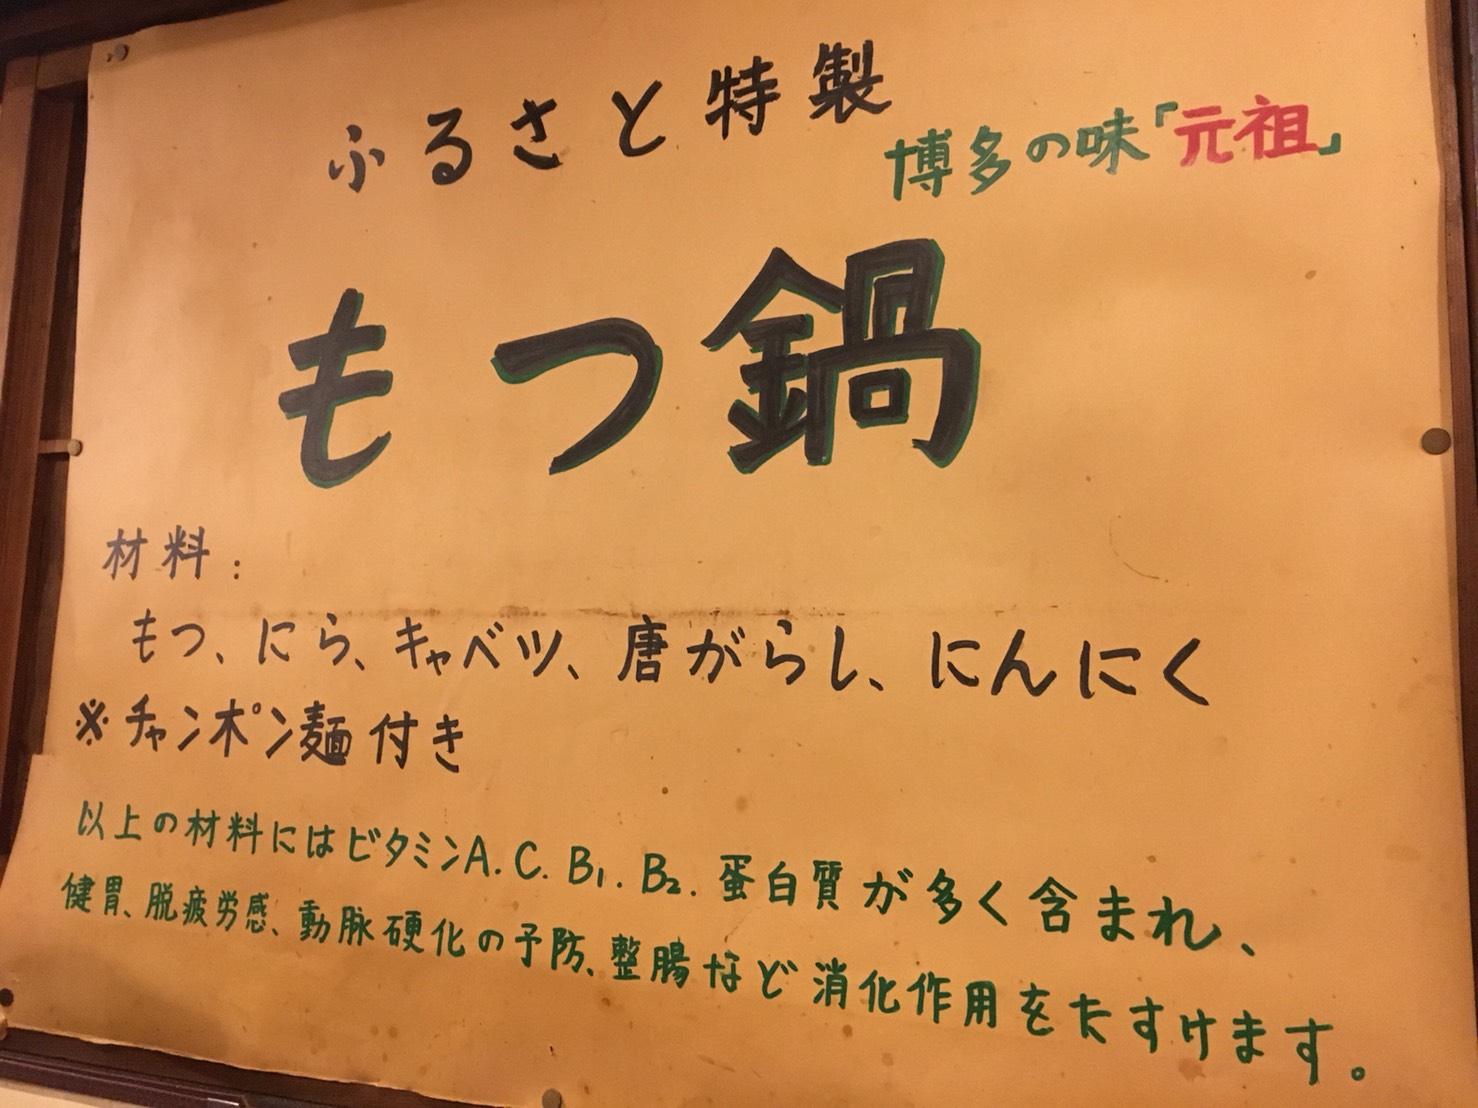 【池袋駅】創業1970年からの老舗のもつ鍋!みんなにずっと愛される「もつ鍋帝王 2号店」の昔のシメはちゃんぽん麺